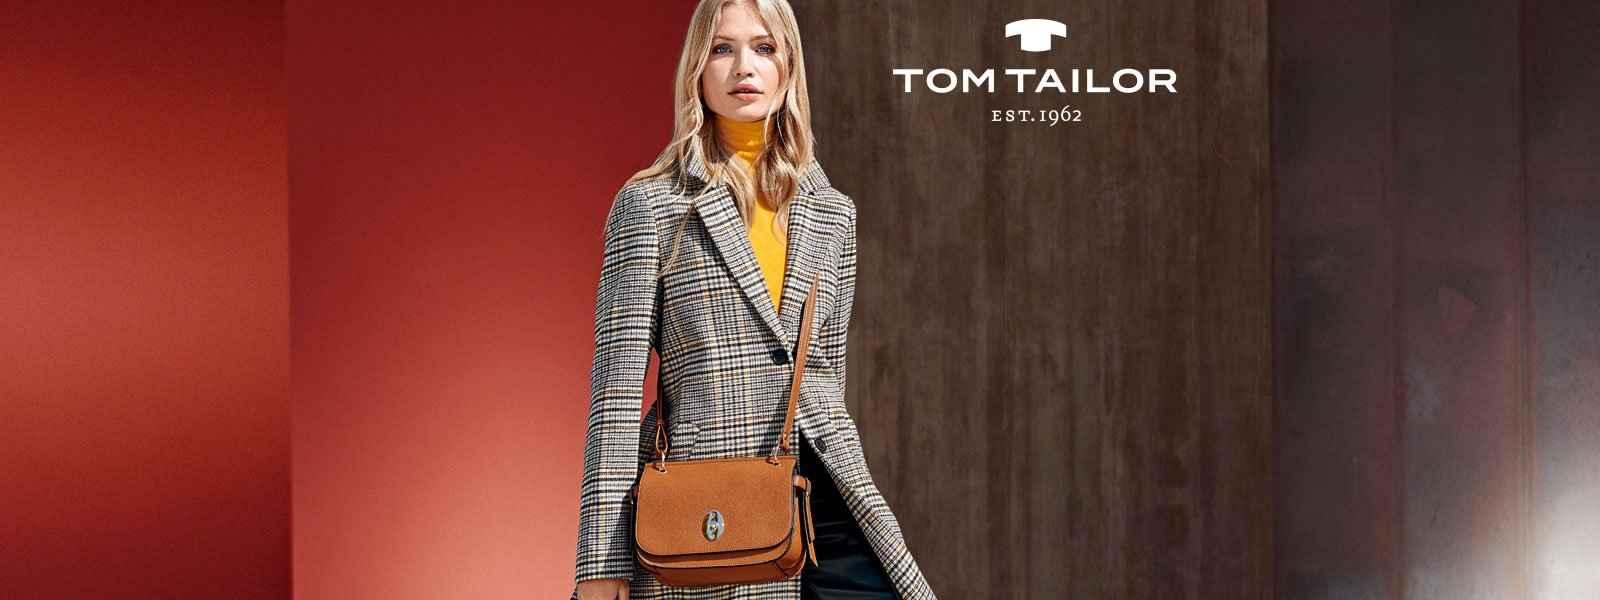 Tom Tailor Taschen